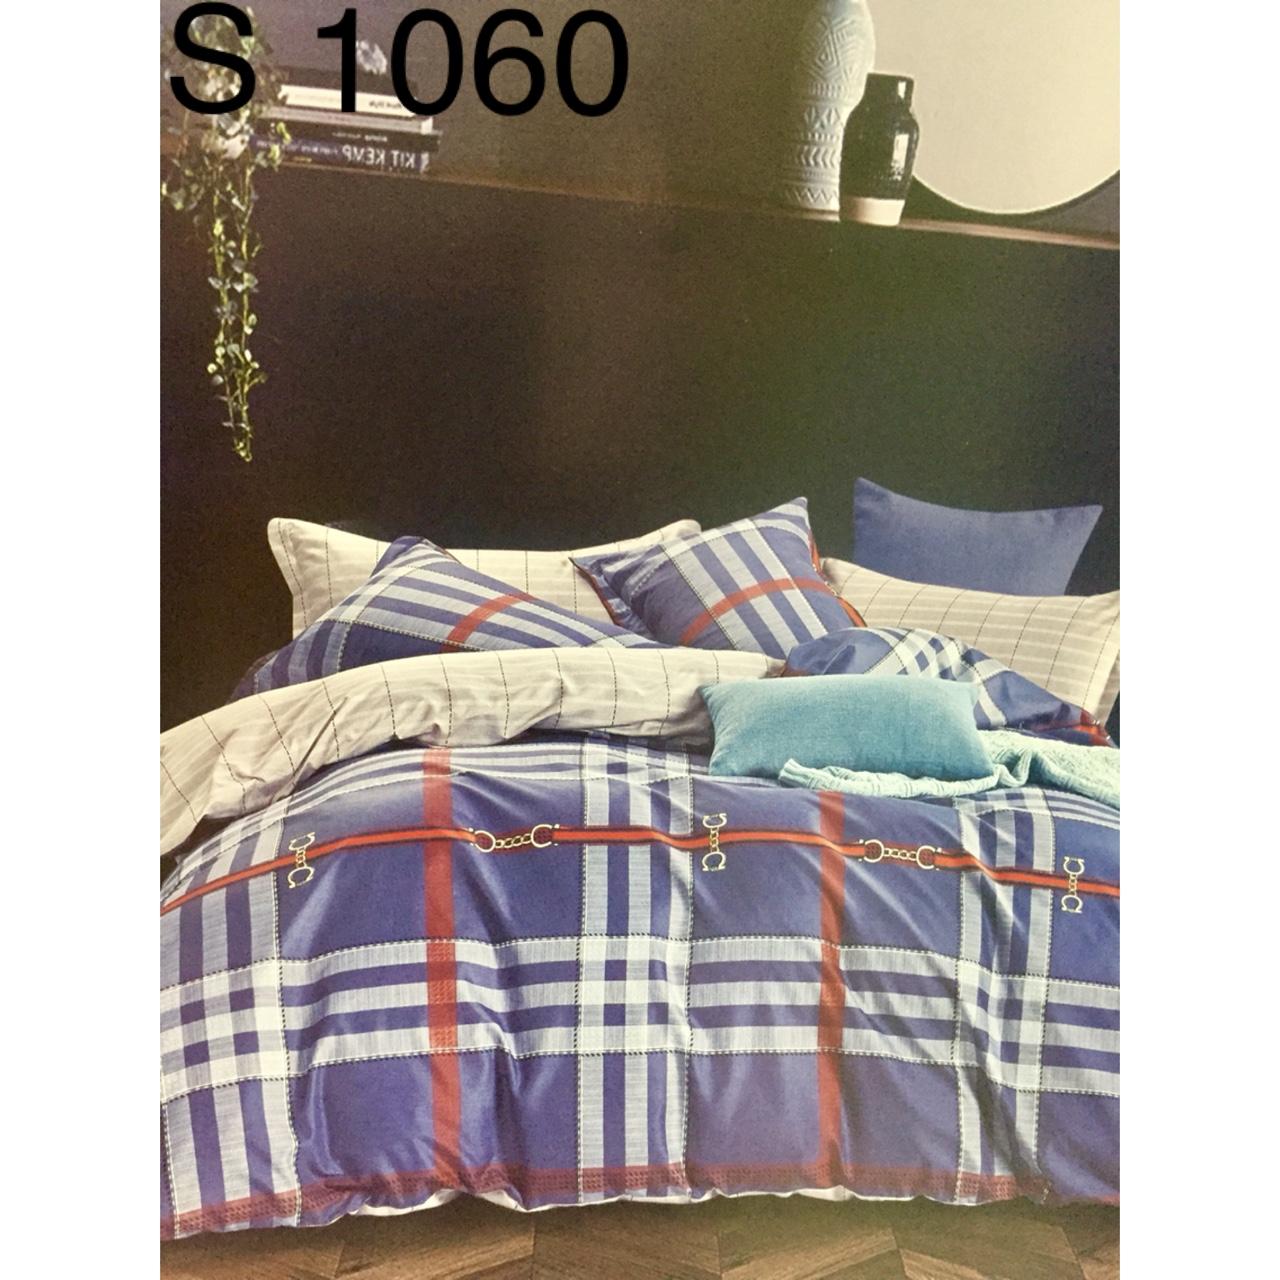 Bộ Chăn Ga Cotton Poly Hàn Quốc - Kí Hiệu: S1060